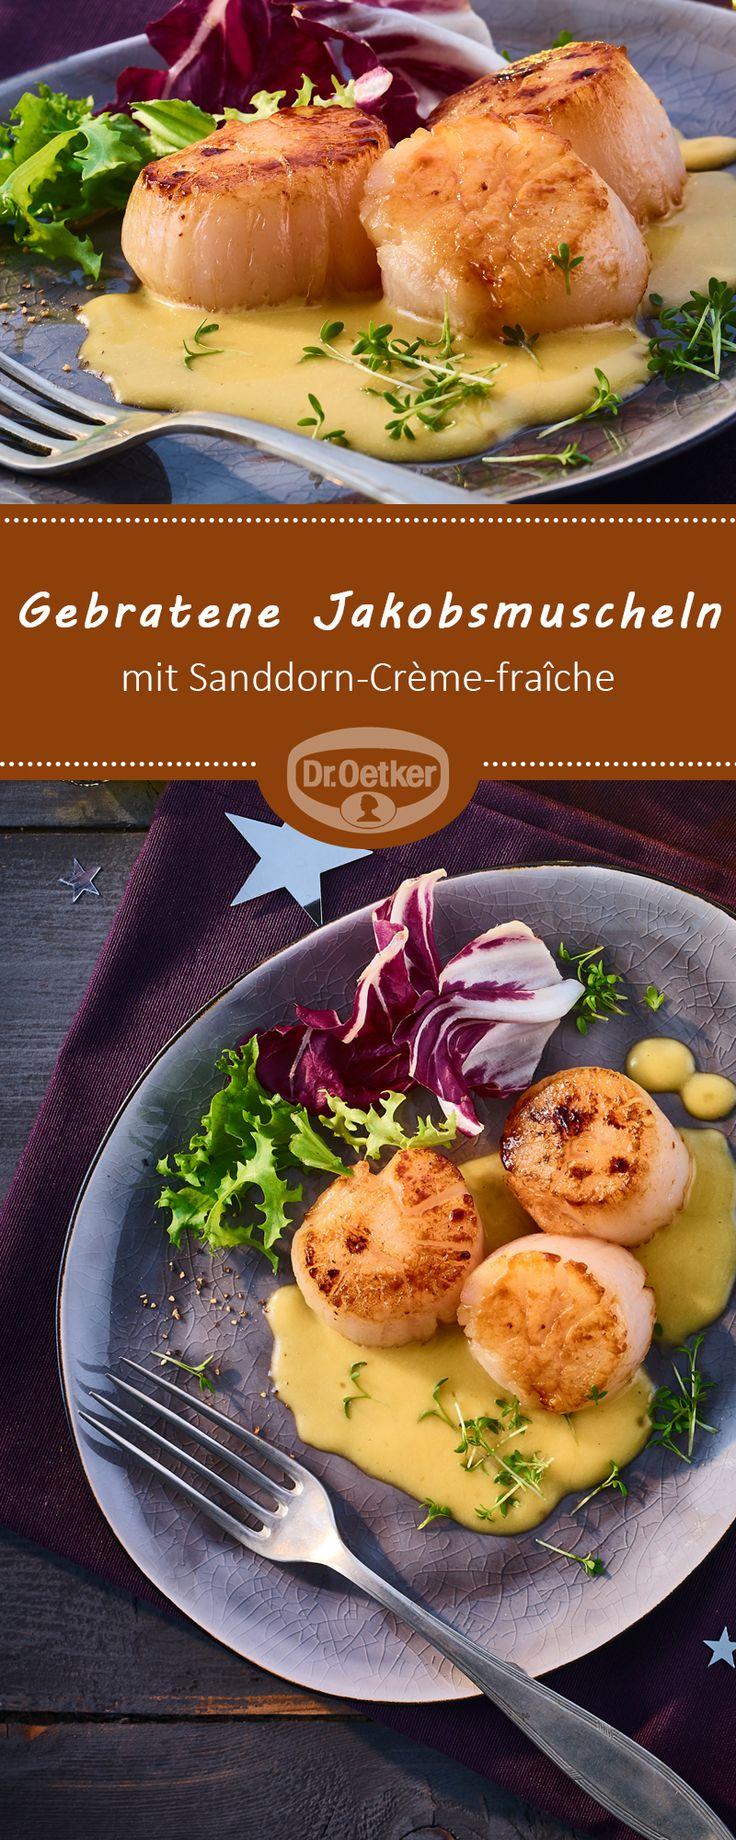 Gebratene Jakobsmuscheln mit Sanddorn-Crème-fraîche: Leichtes Muschelgericht mit herben Sanddorn